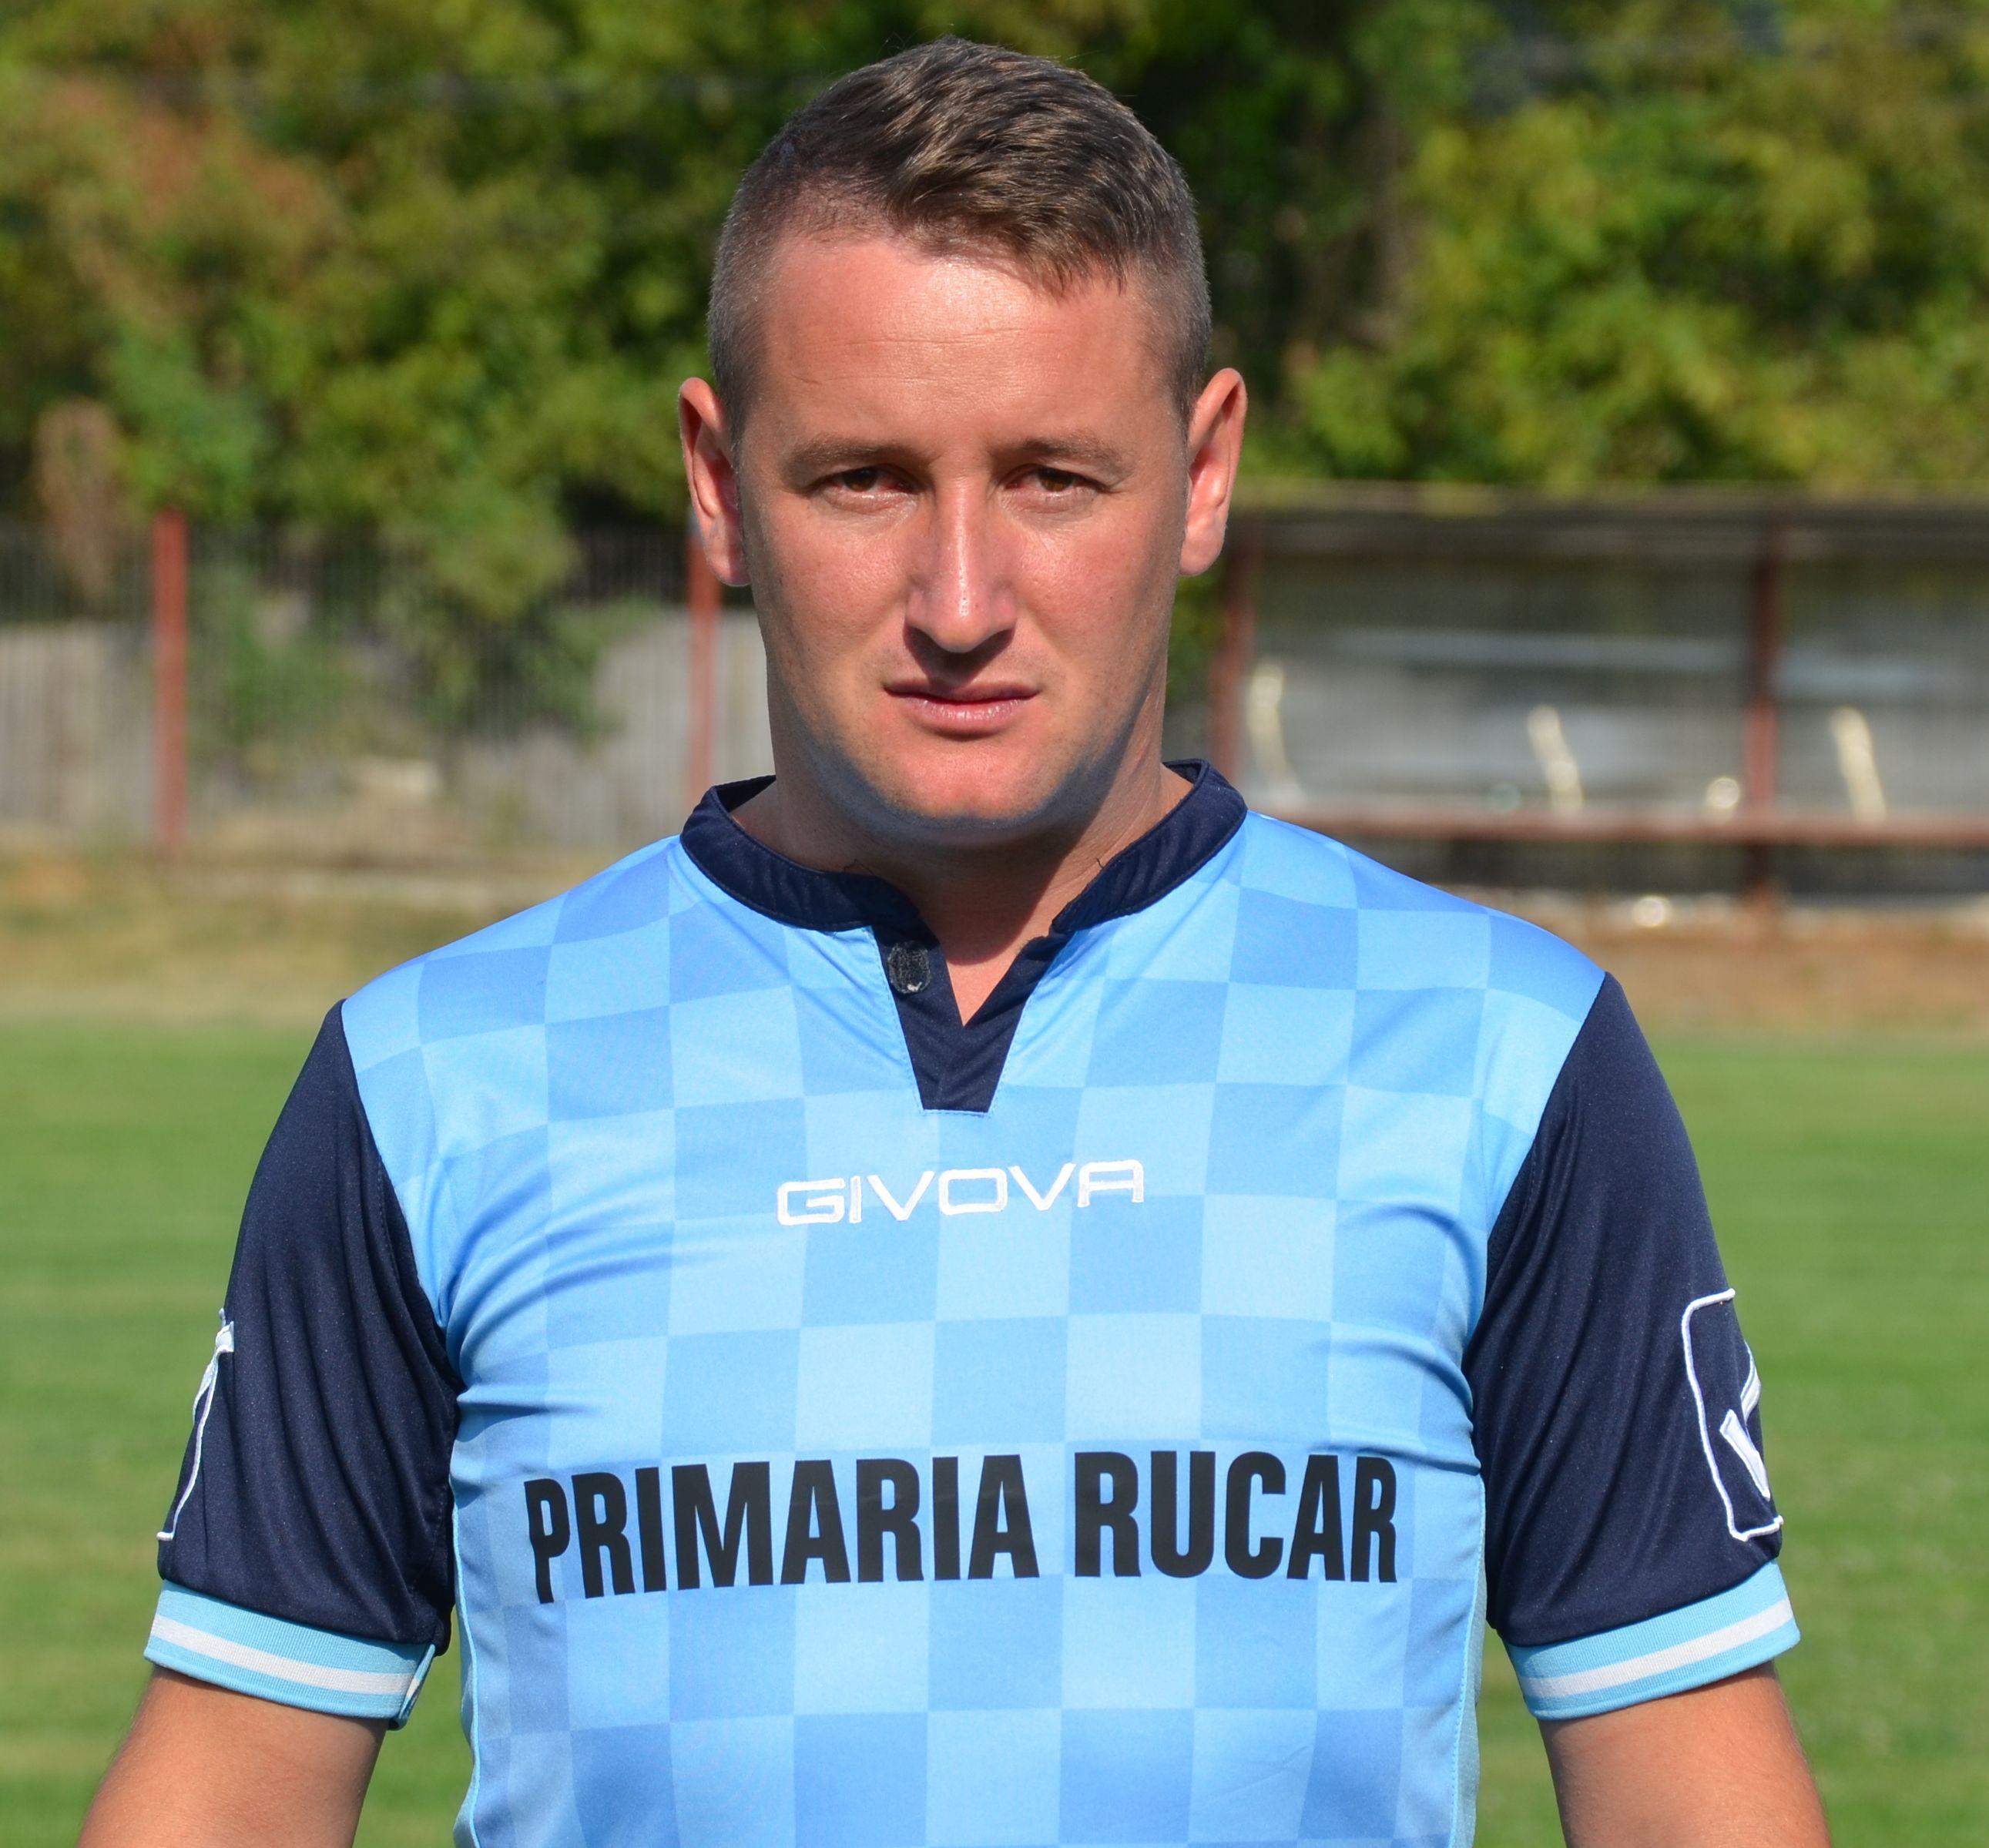 Rauta Razvan Ionut